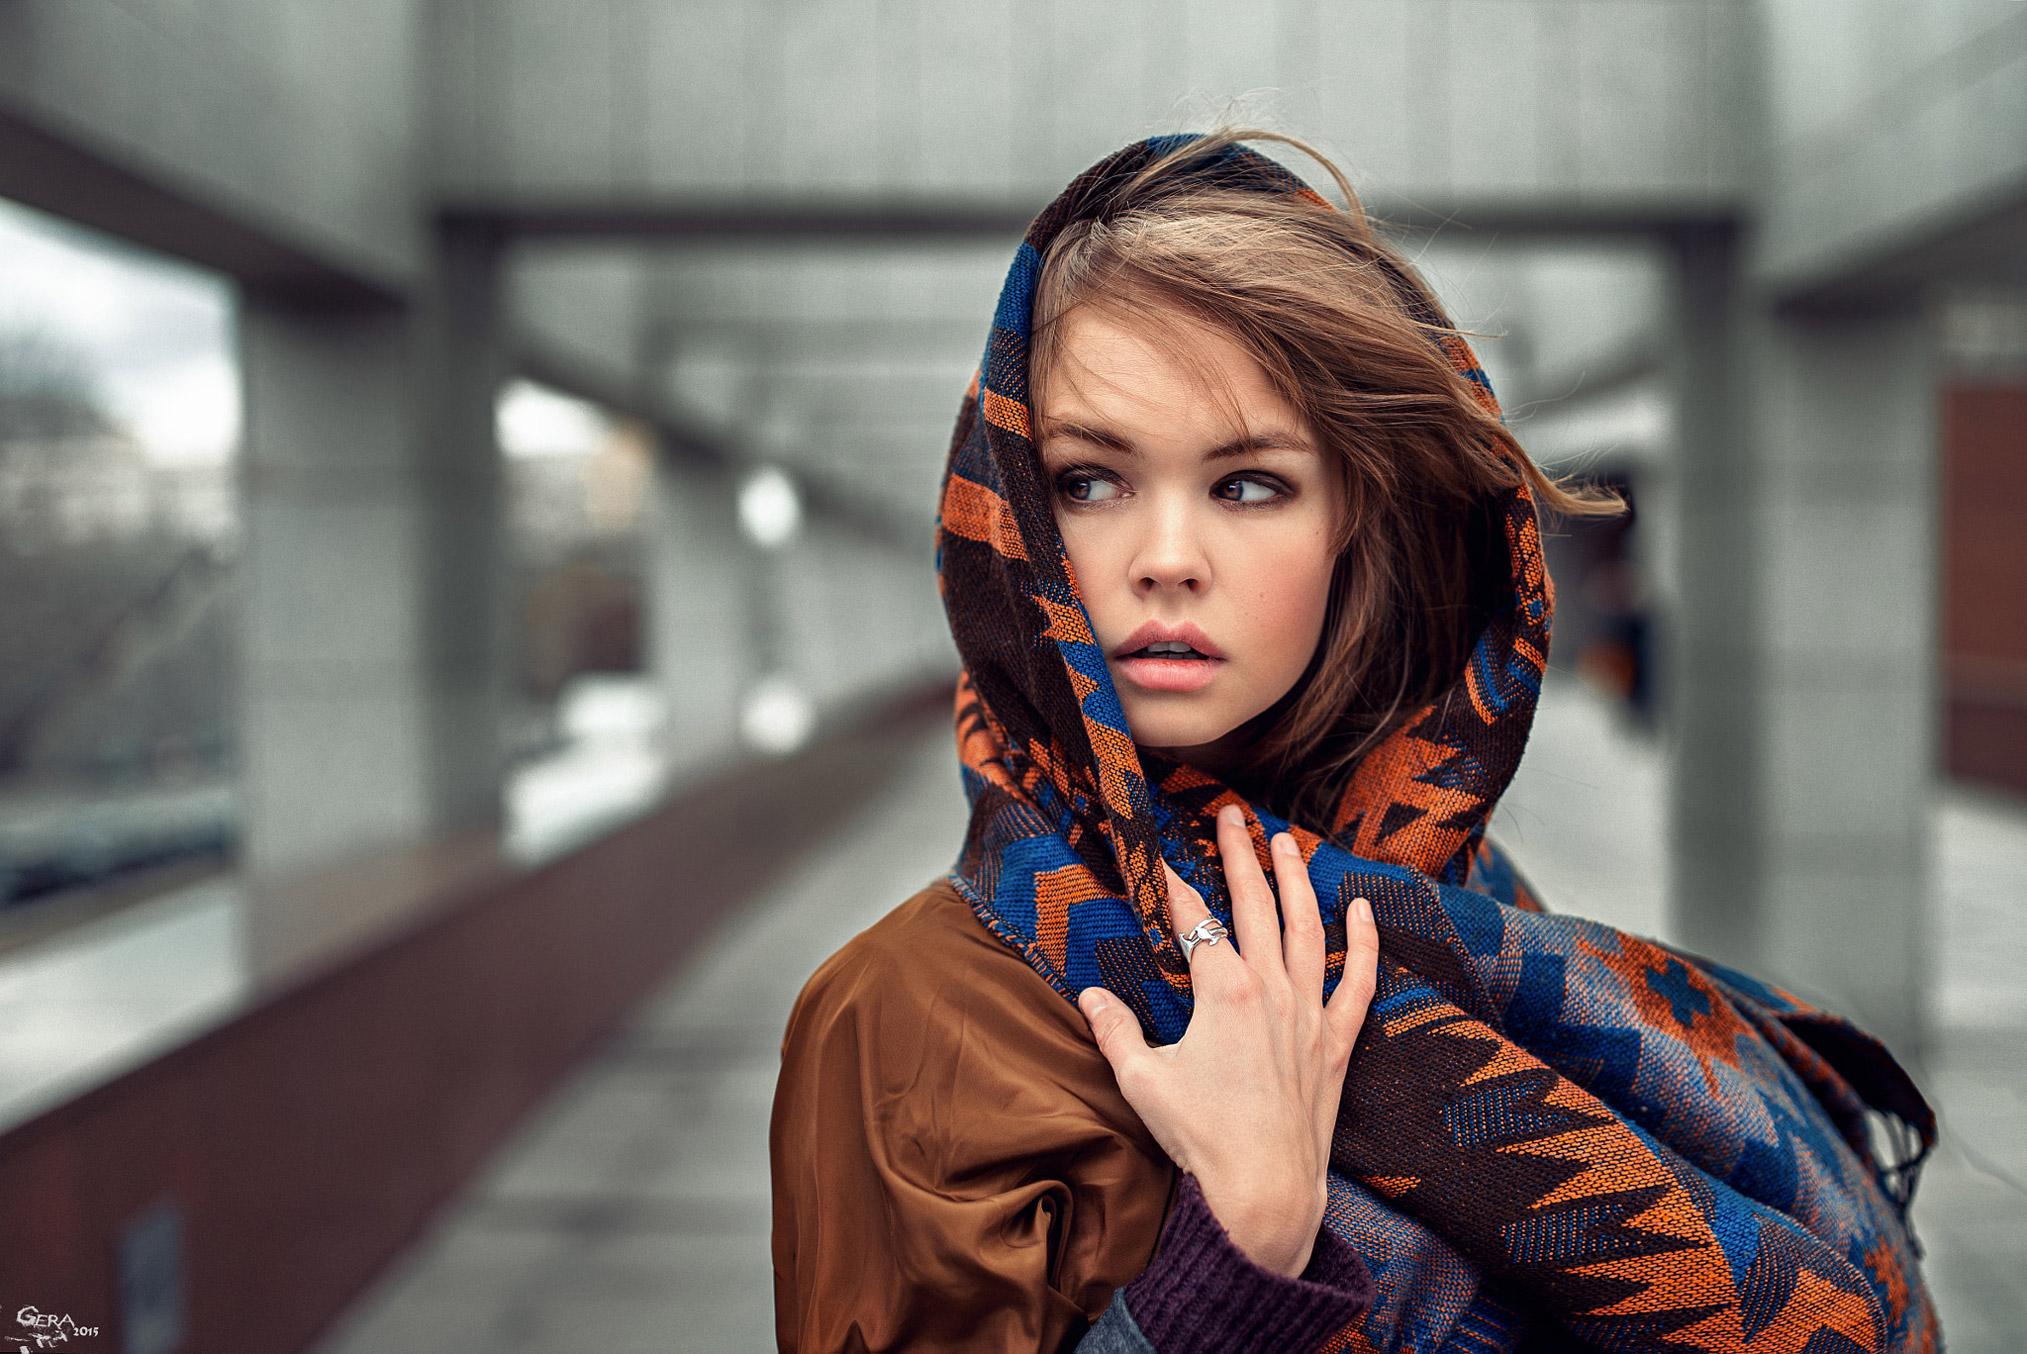 Портрет - Anastasia Scheglova / Анастасия Щеглова, фотограф Георгий Чернядьев / Georgy Chernyadyev